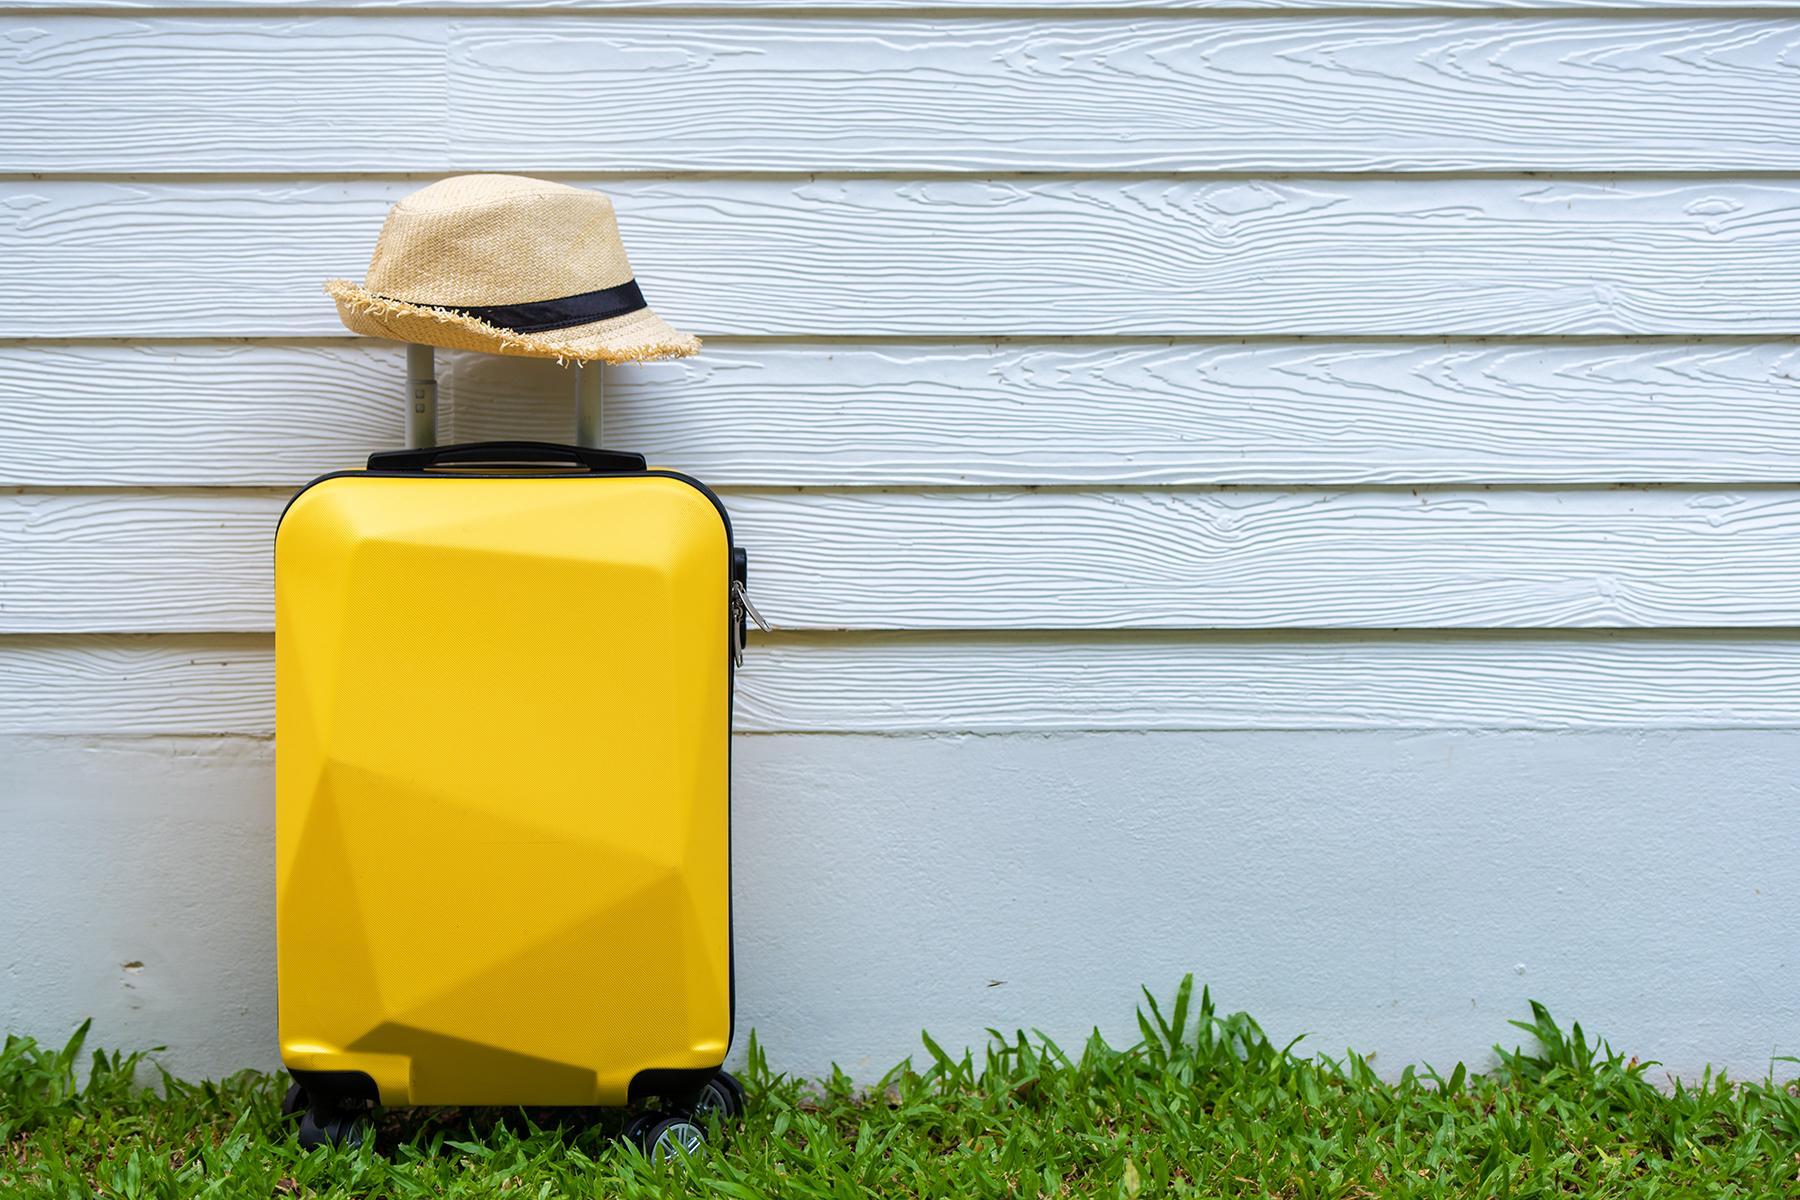 7_AvoidBedbugs_Suitcase_shutterstock_1100700860